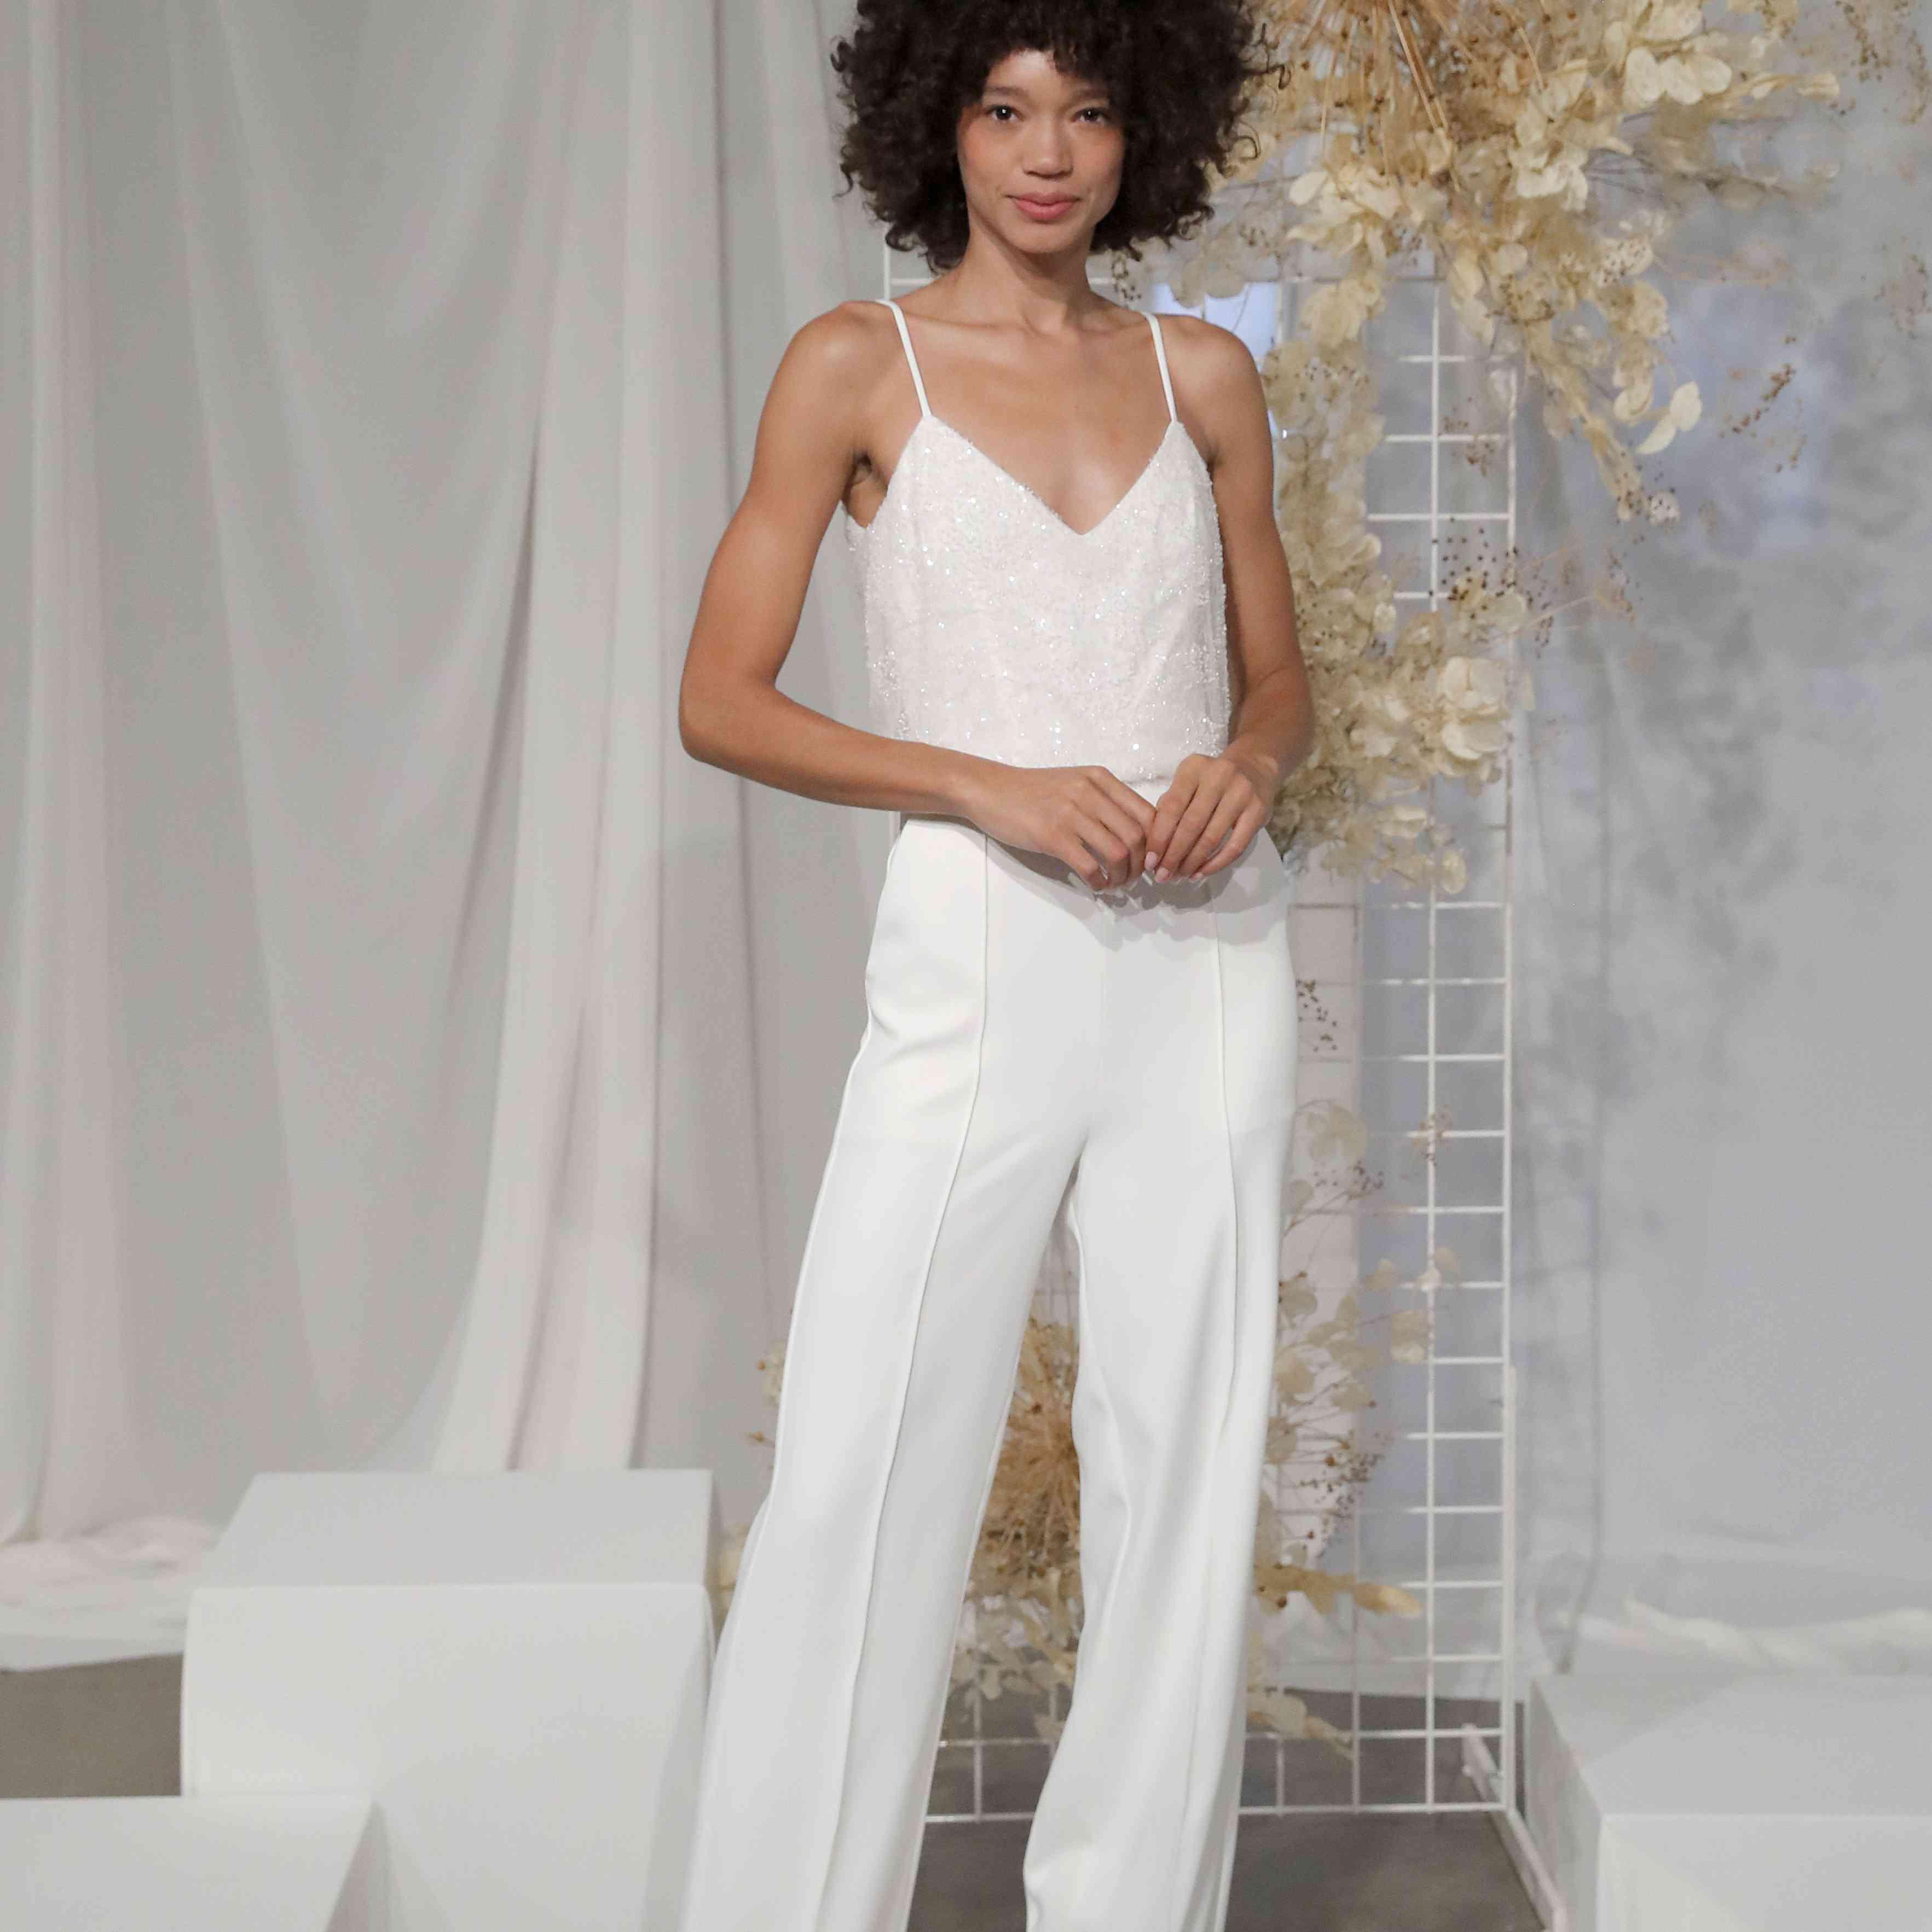 bridal top and pants